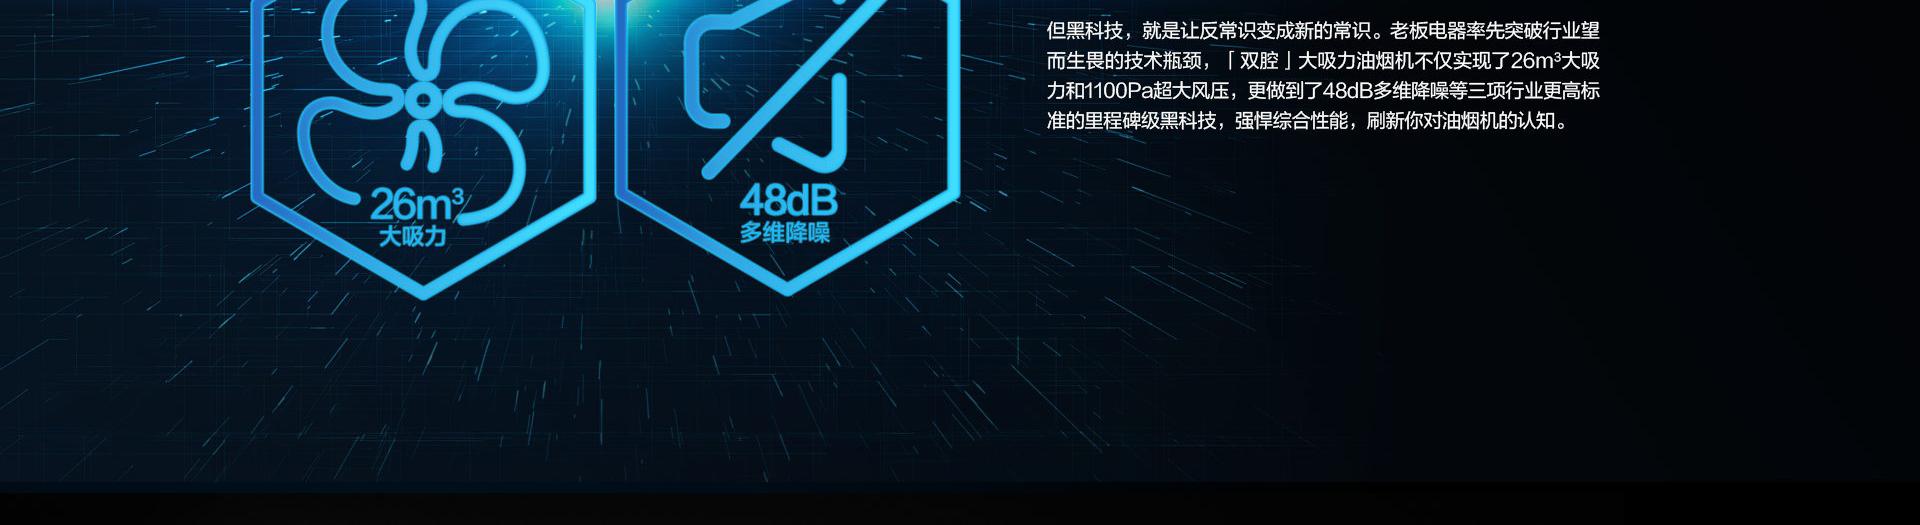 8235Spc_12.png